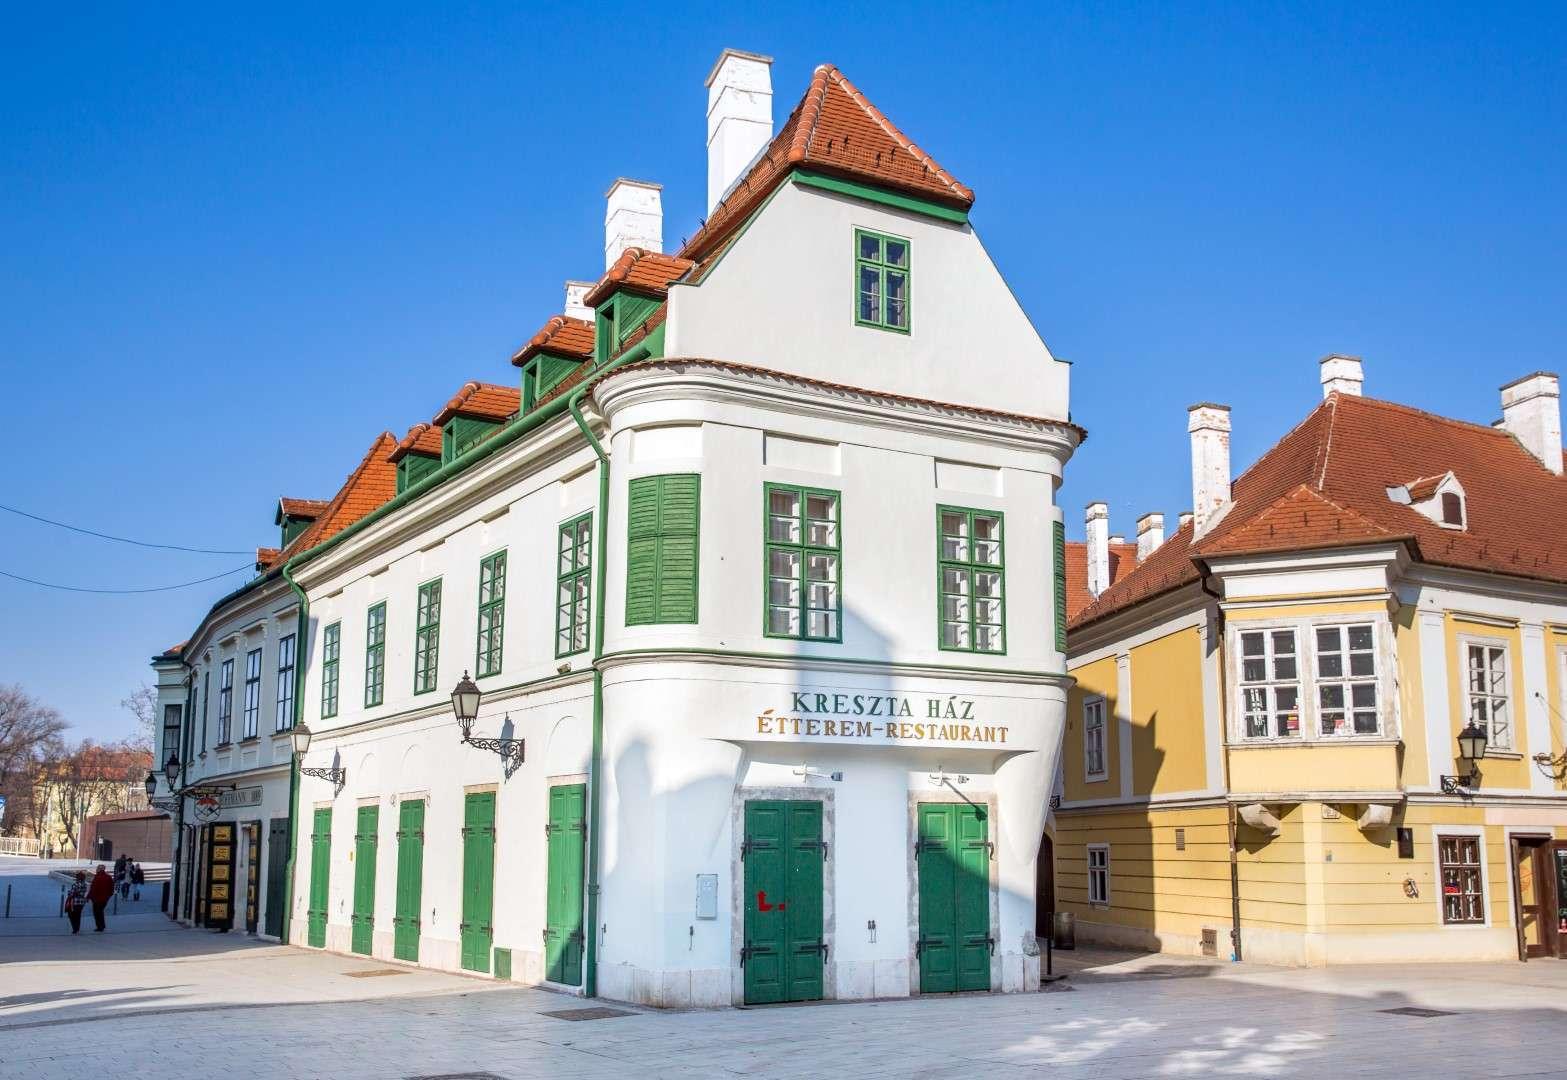 <a href='http://hellogyor.hu/en/sights/kreszta-house/'>Kreszta House</a>